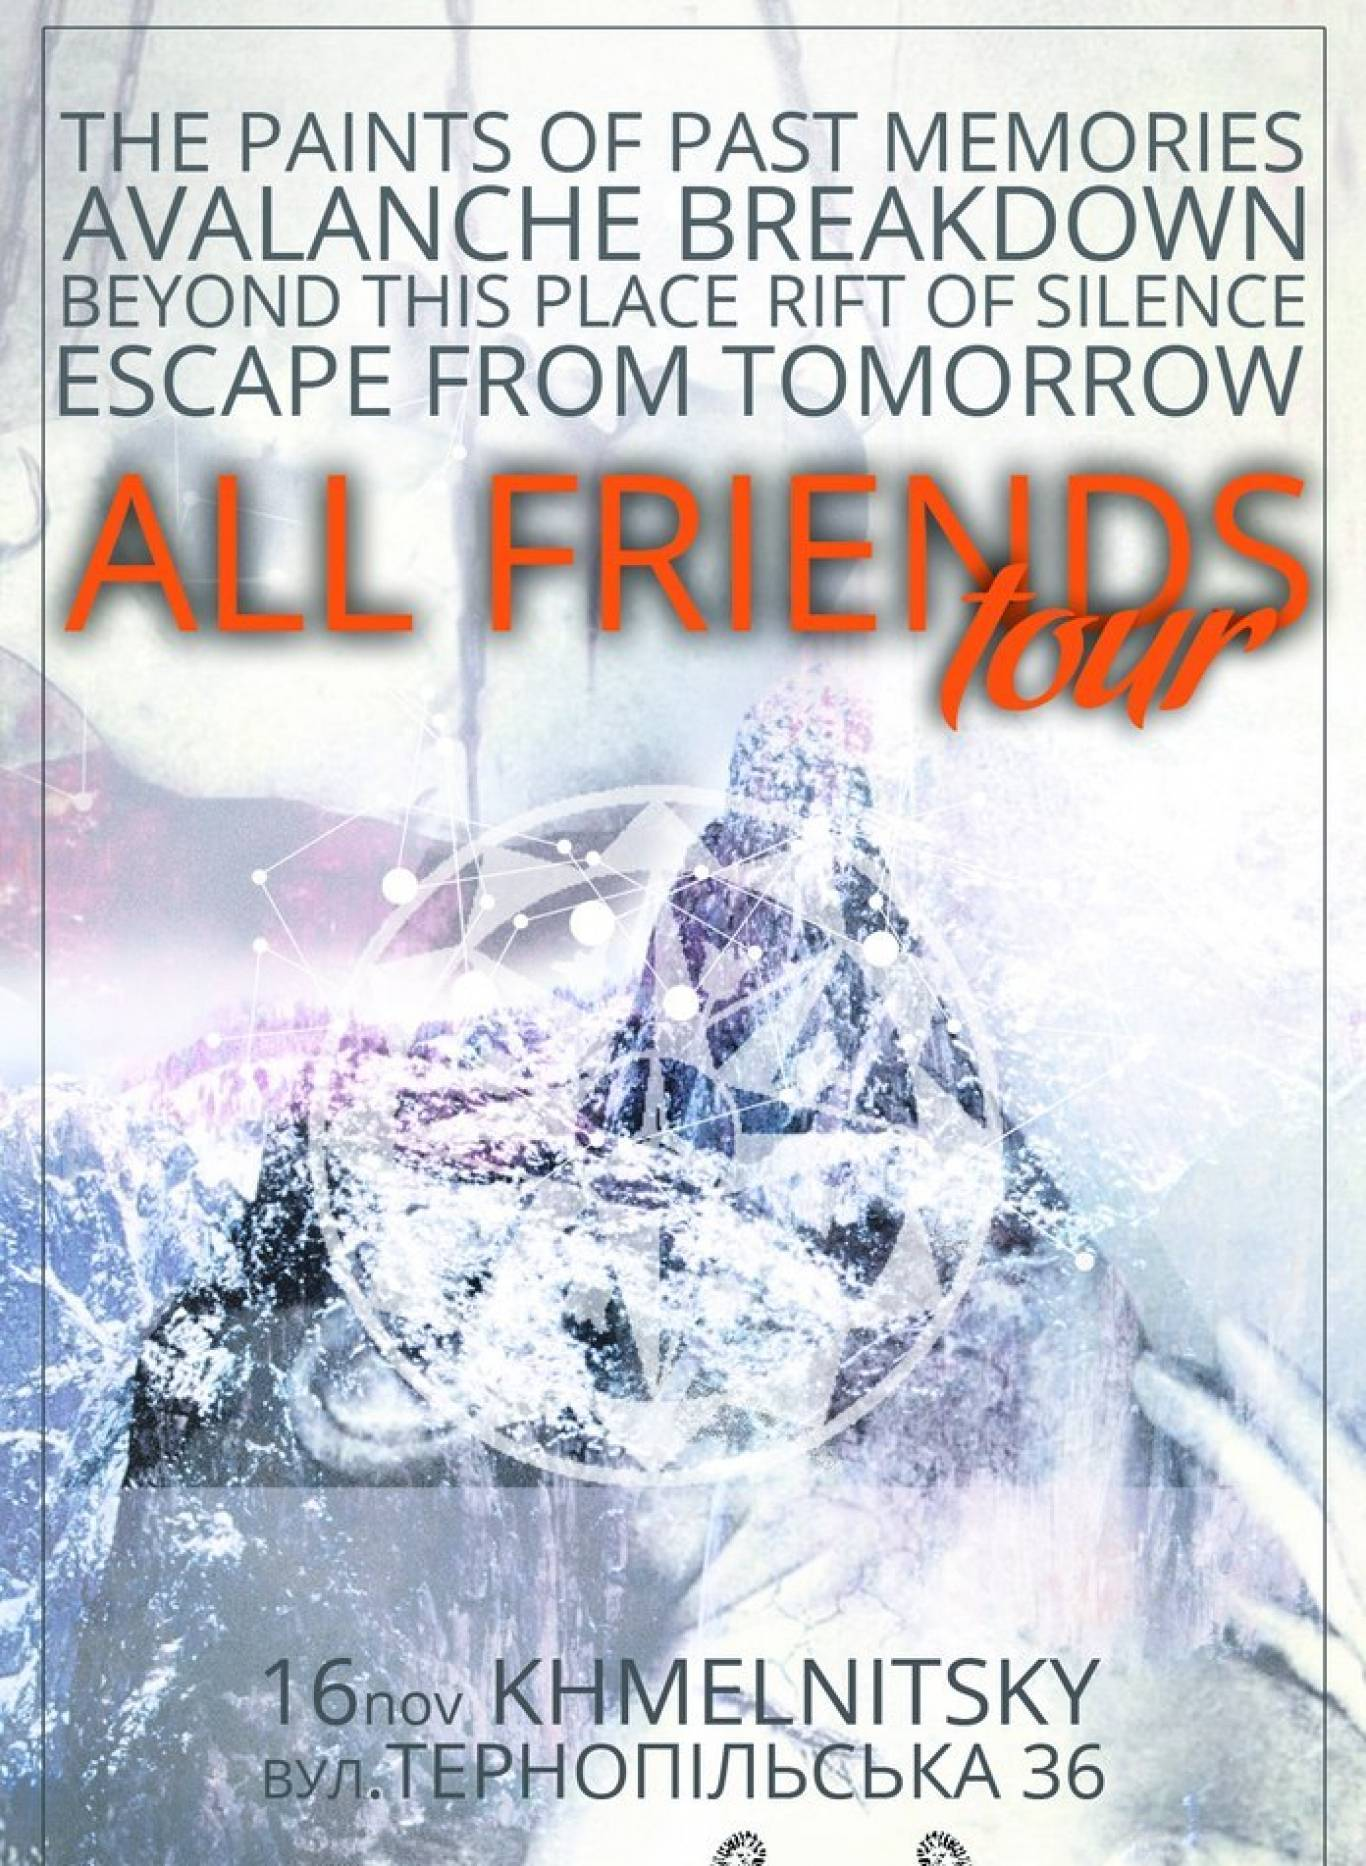 Фестиваль All Friends Tour